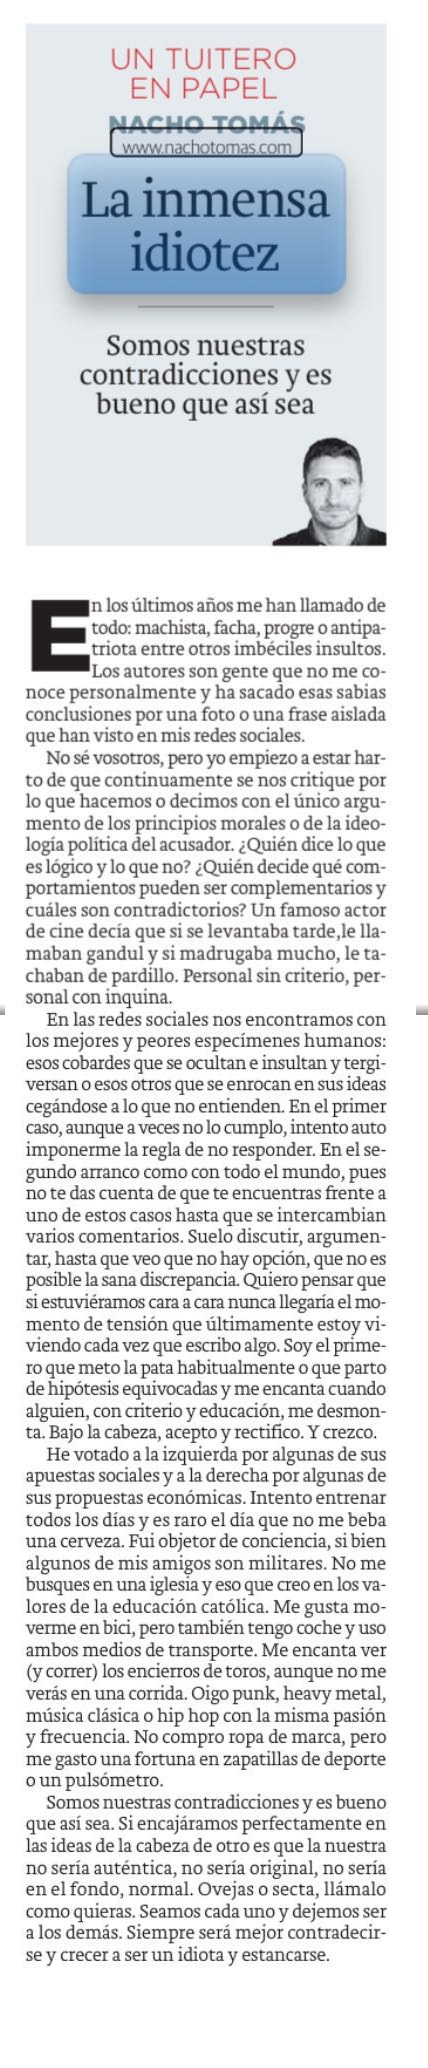 27.07.16 La inmensa idiotez - Nacho Tomás - Un tuitero en papel - La Verdad de Murcia